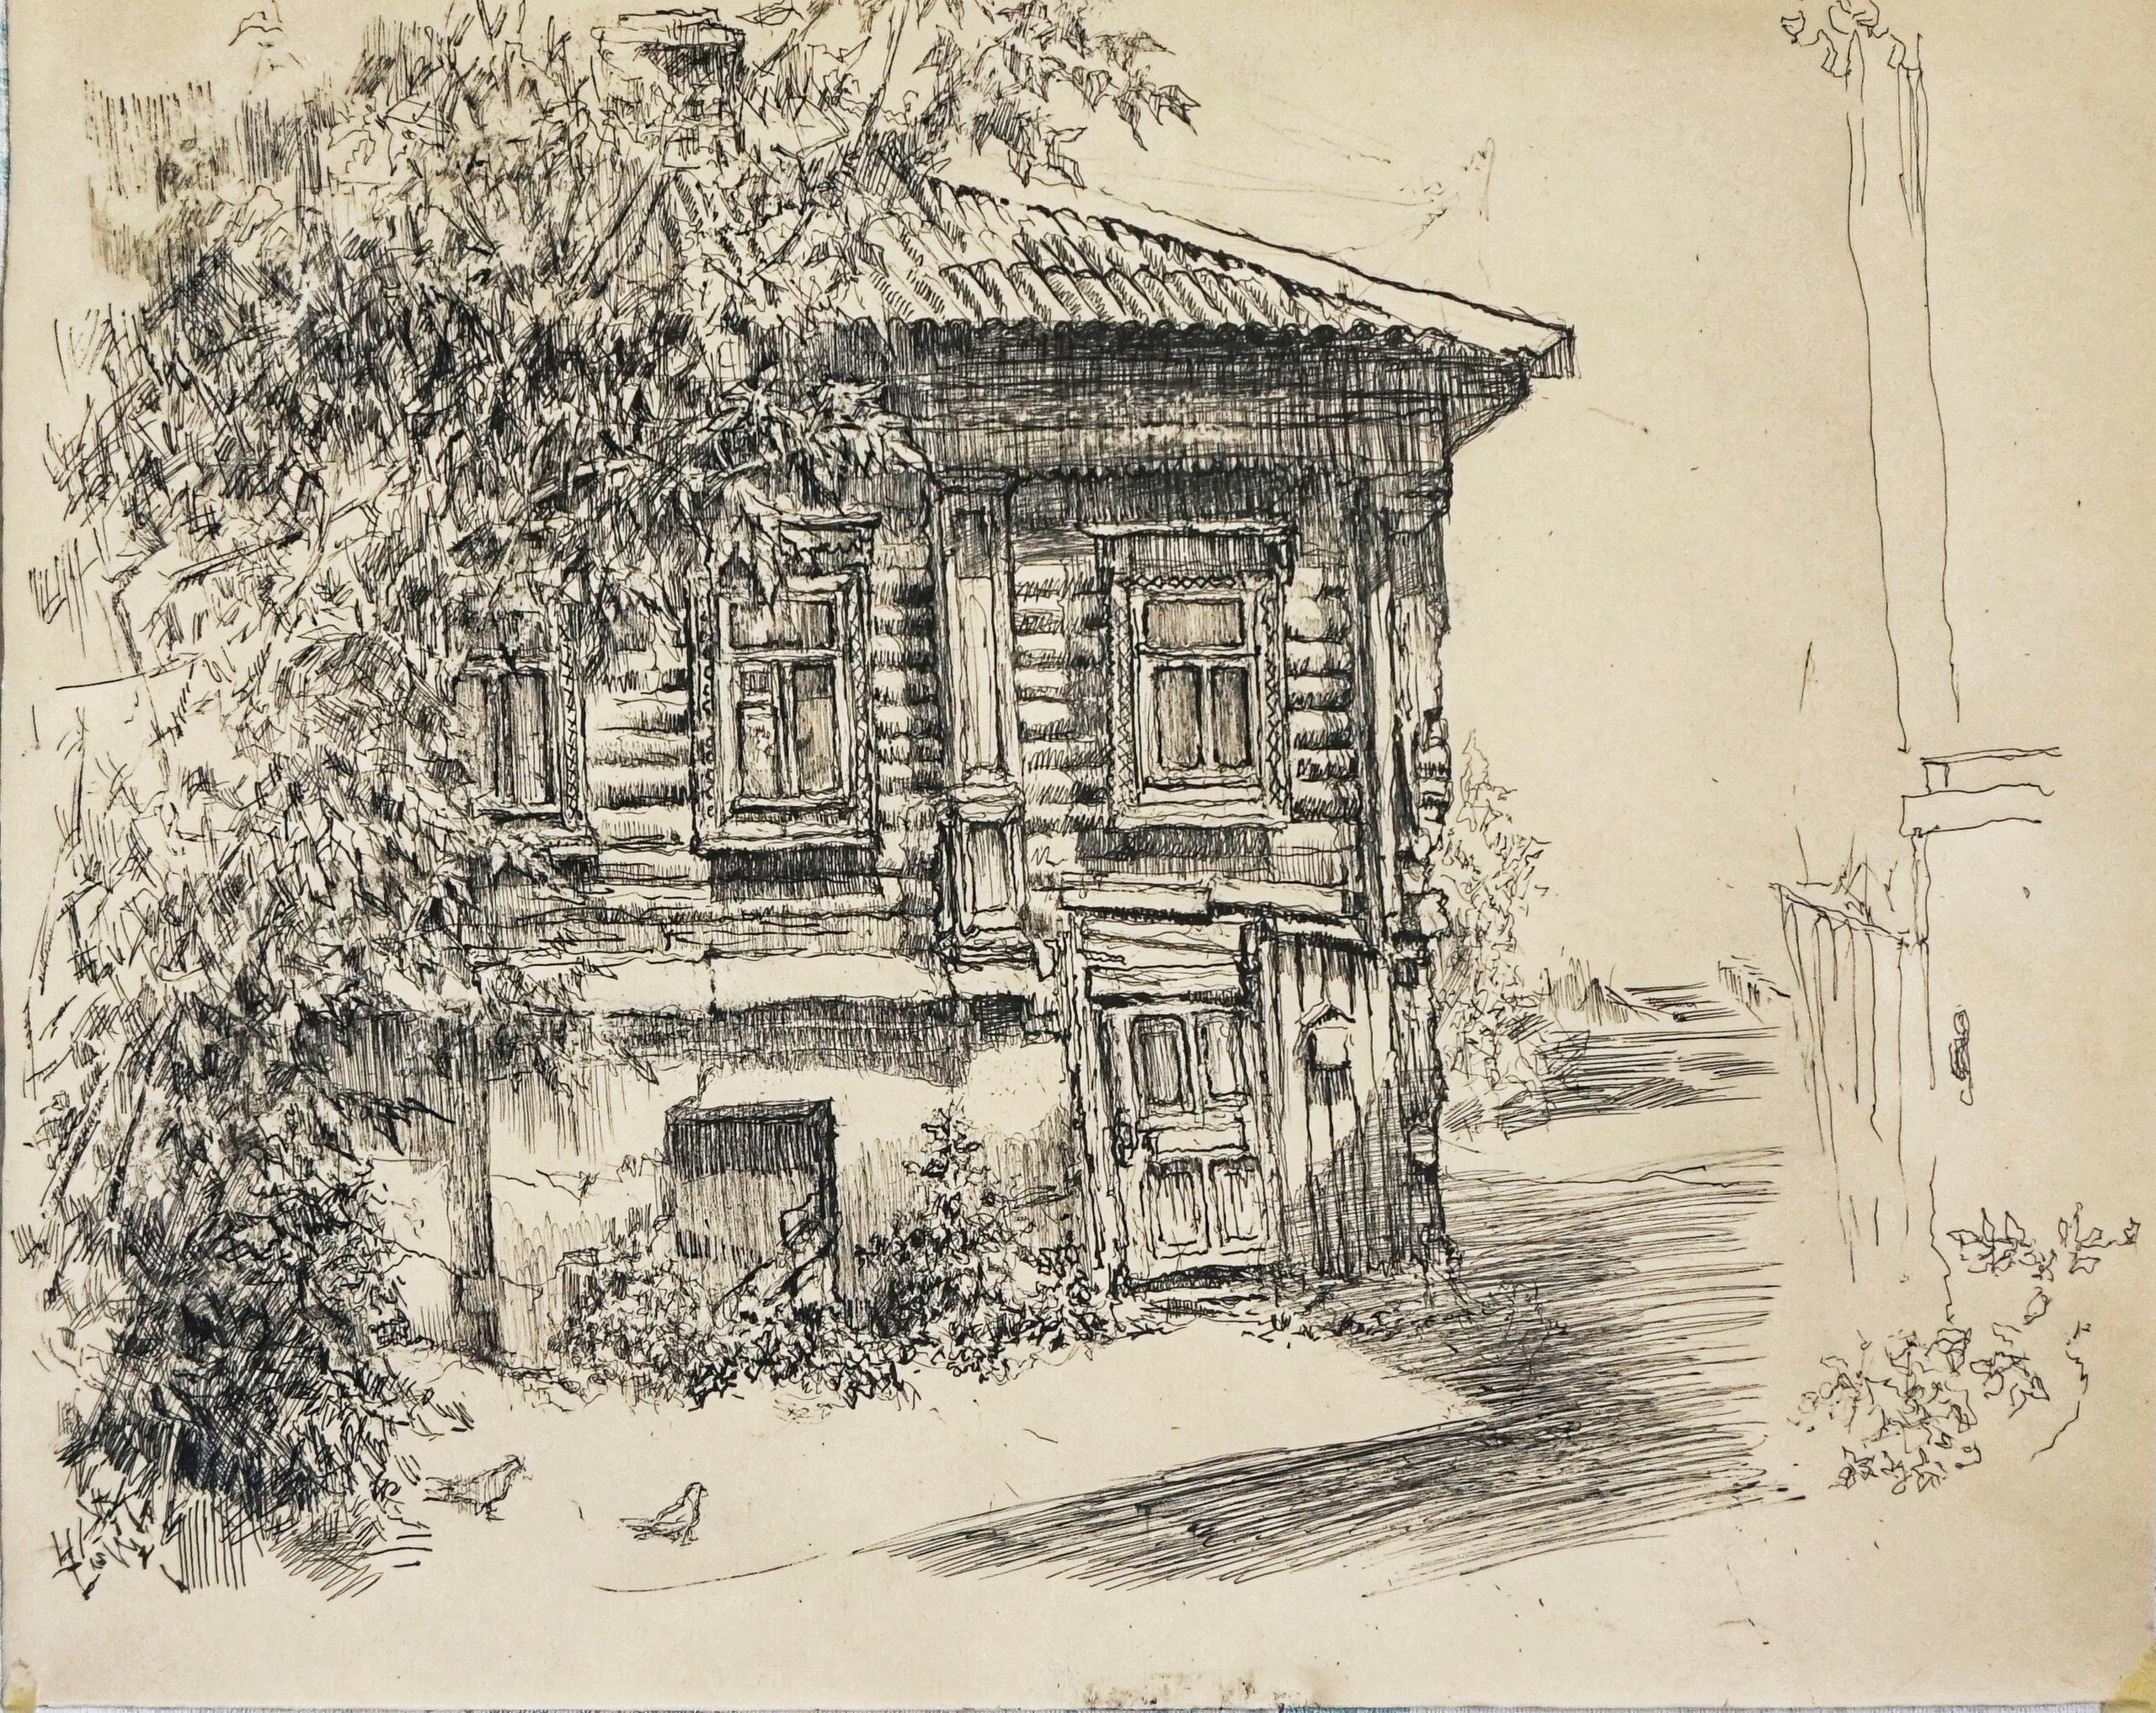 Исчезающие деревянные домика города Тулы  #yebenyapainting - Фото